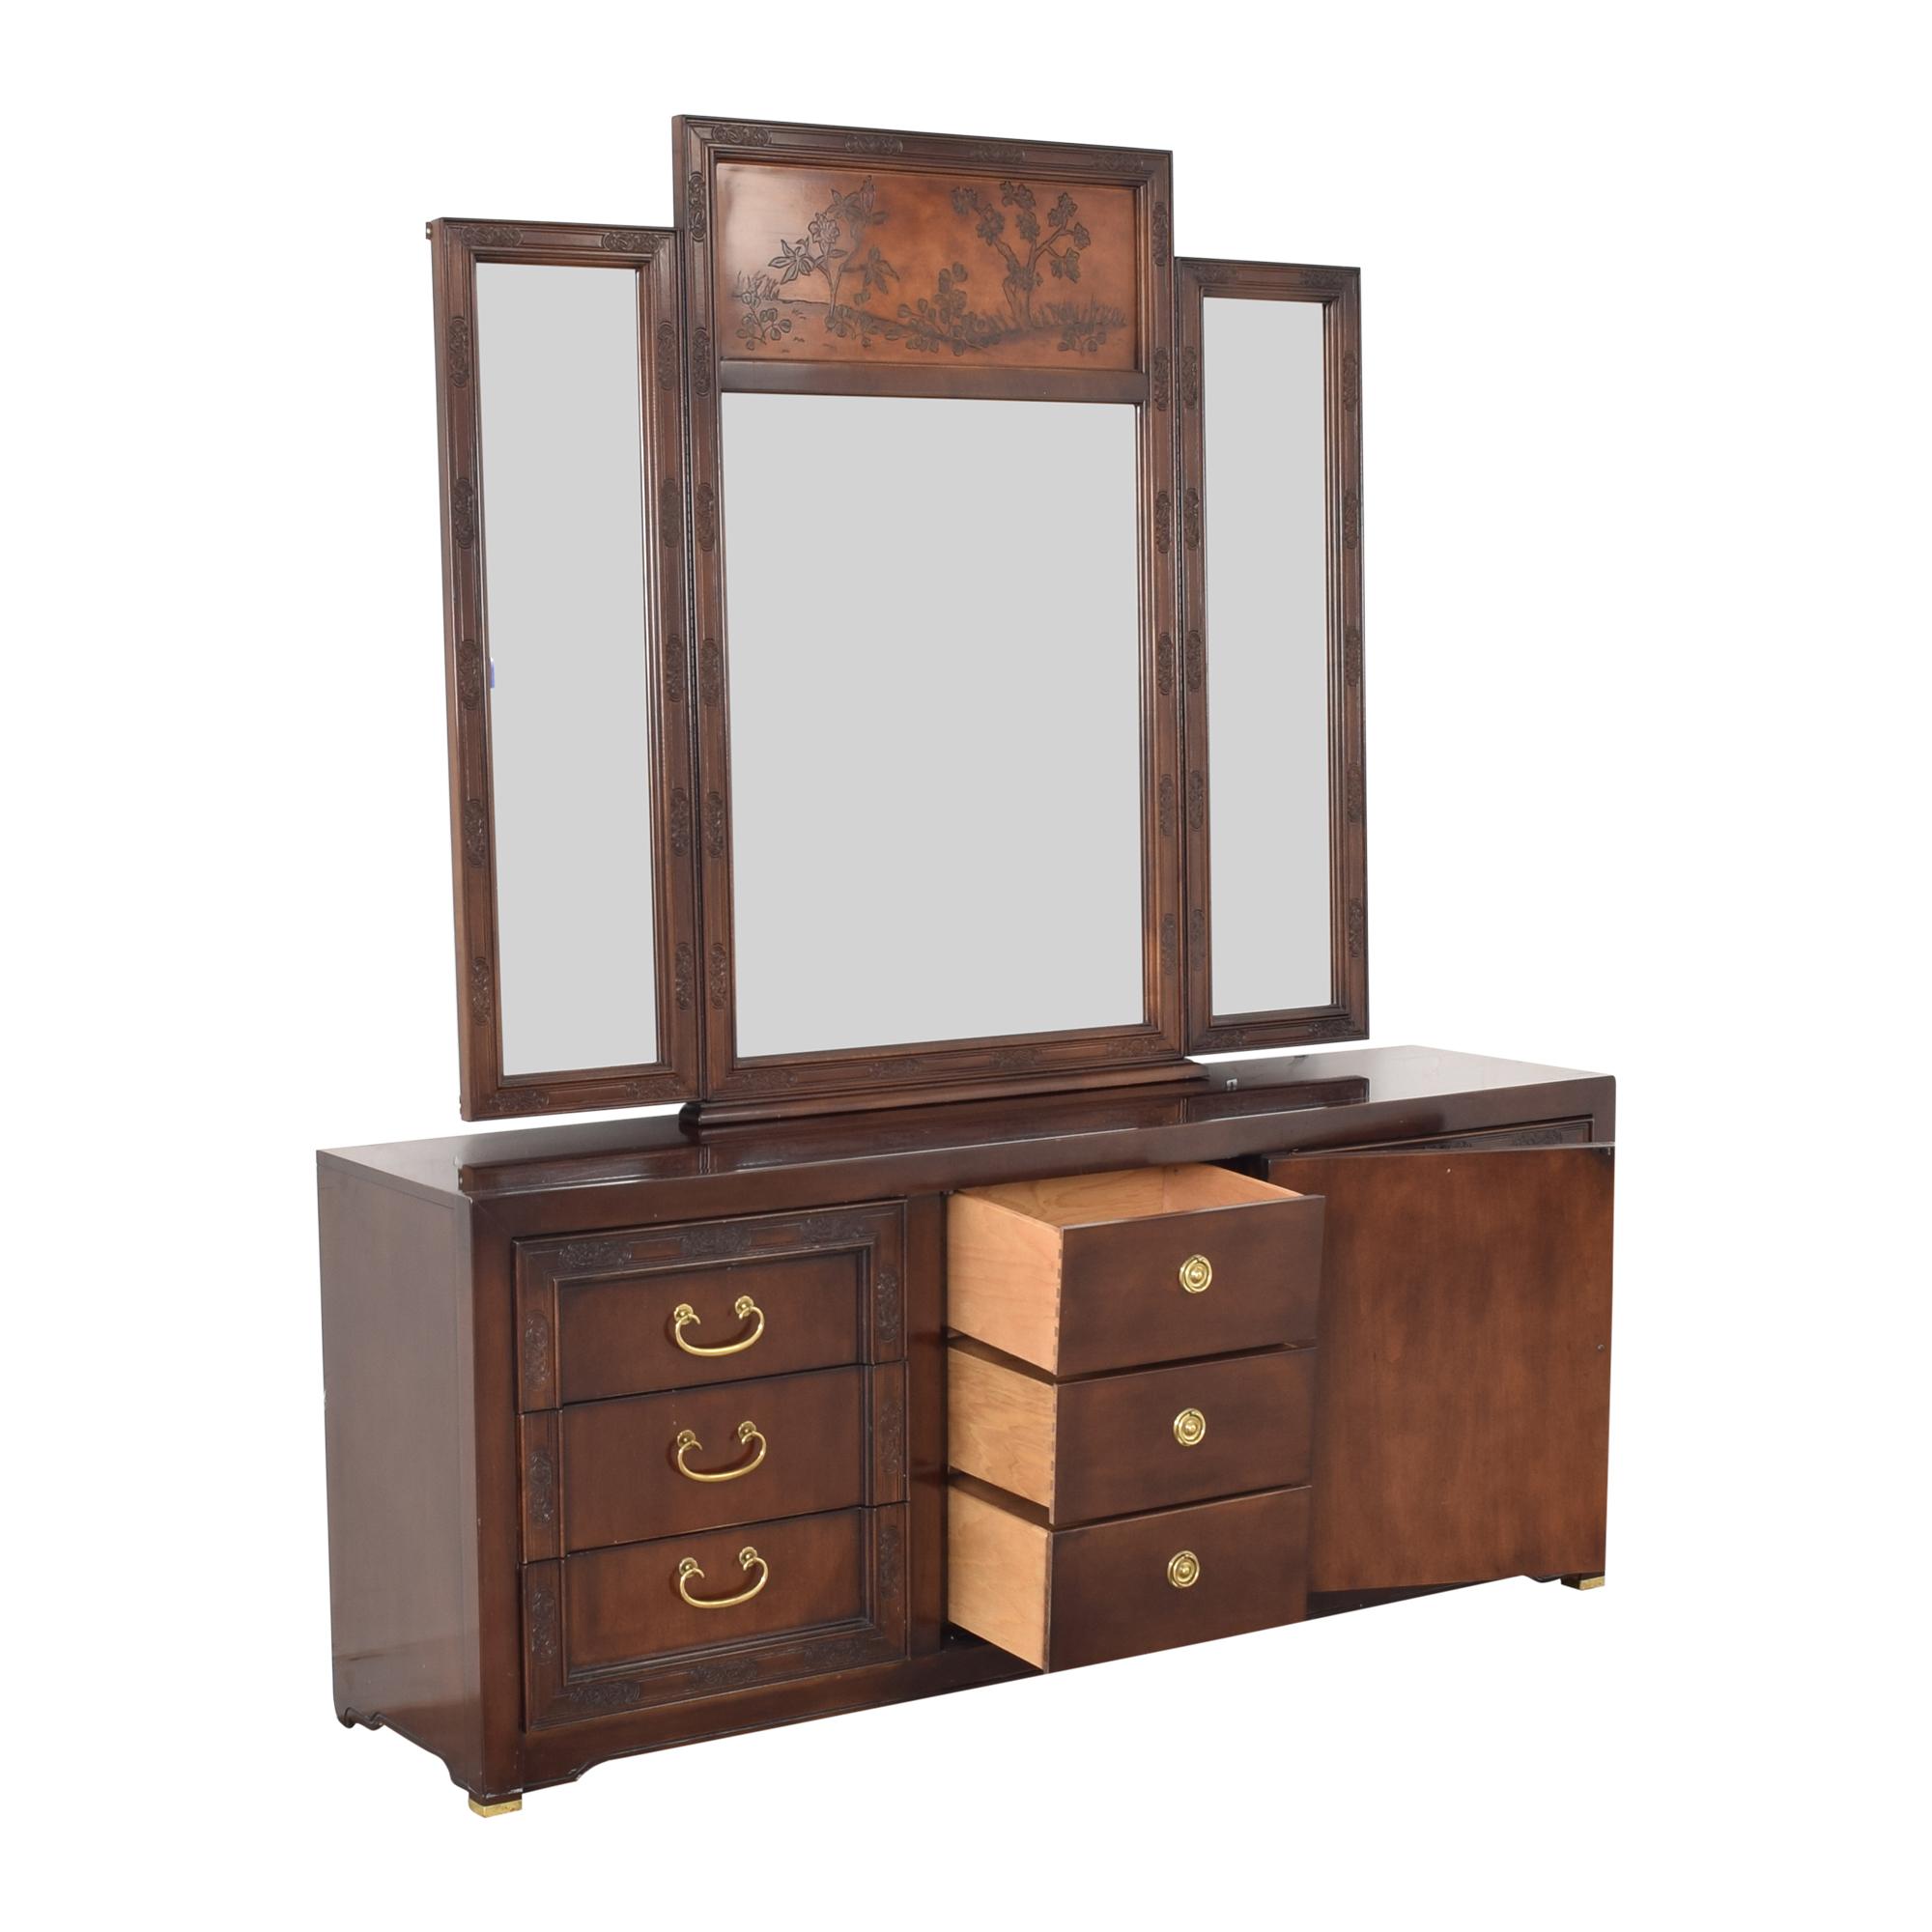 Bernhardt Dresser with Mirror sale